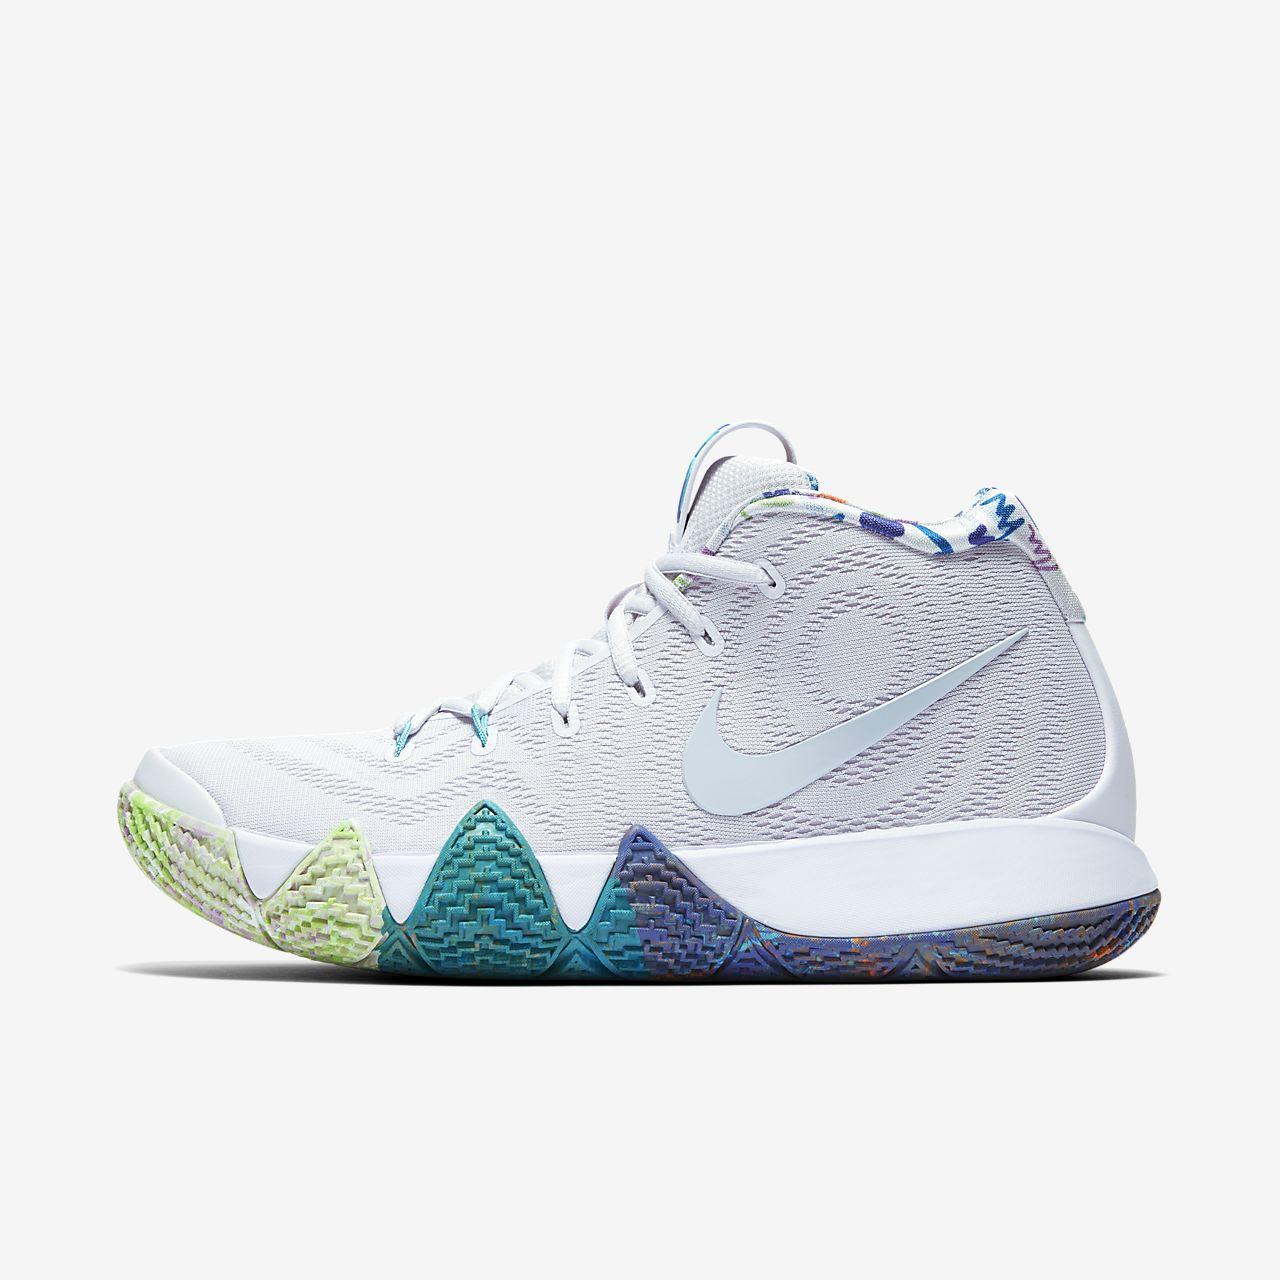 sports shoes f8352 c0b70 ... discount code for calzado de básquetbol kyrie 4 90s f93a2 dbf0e